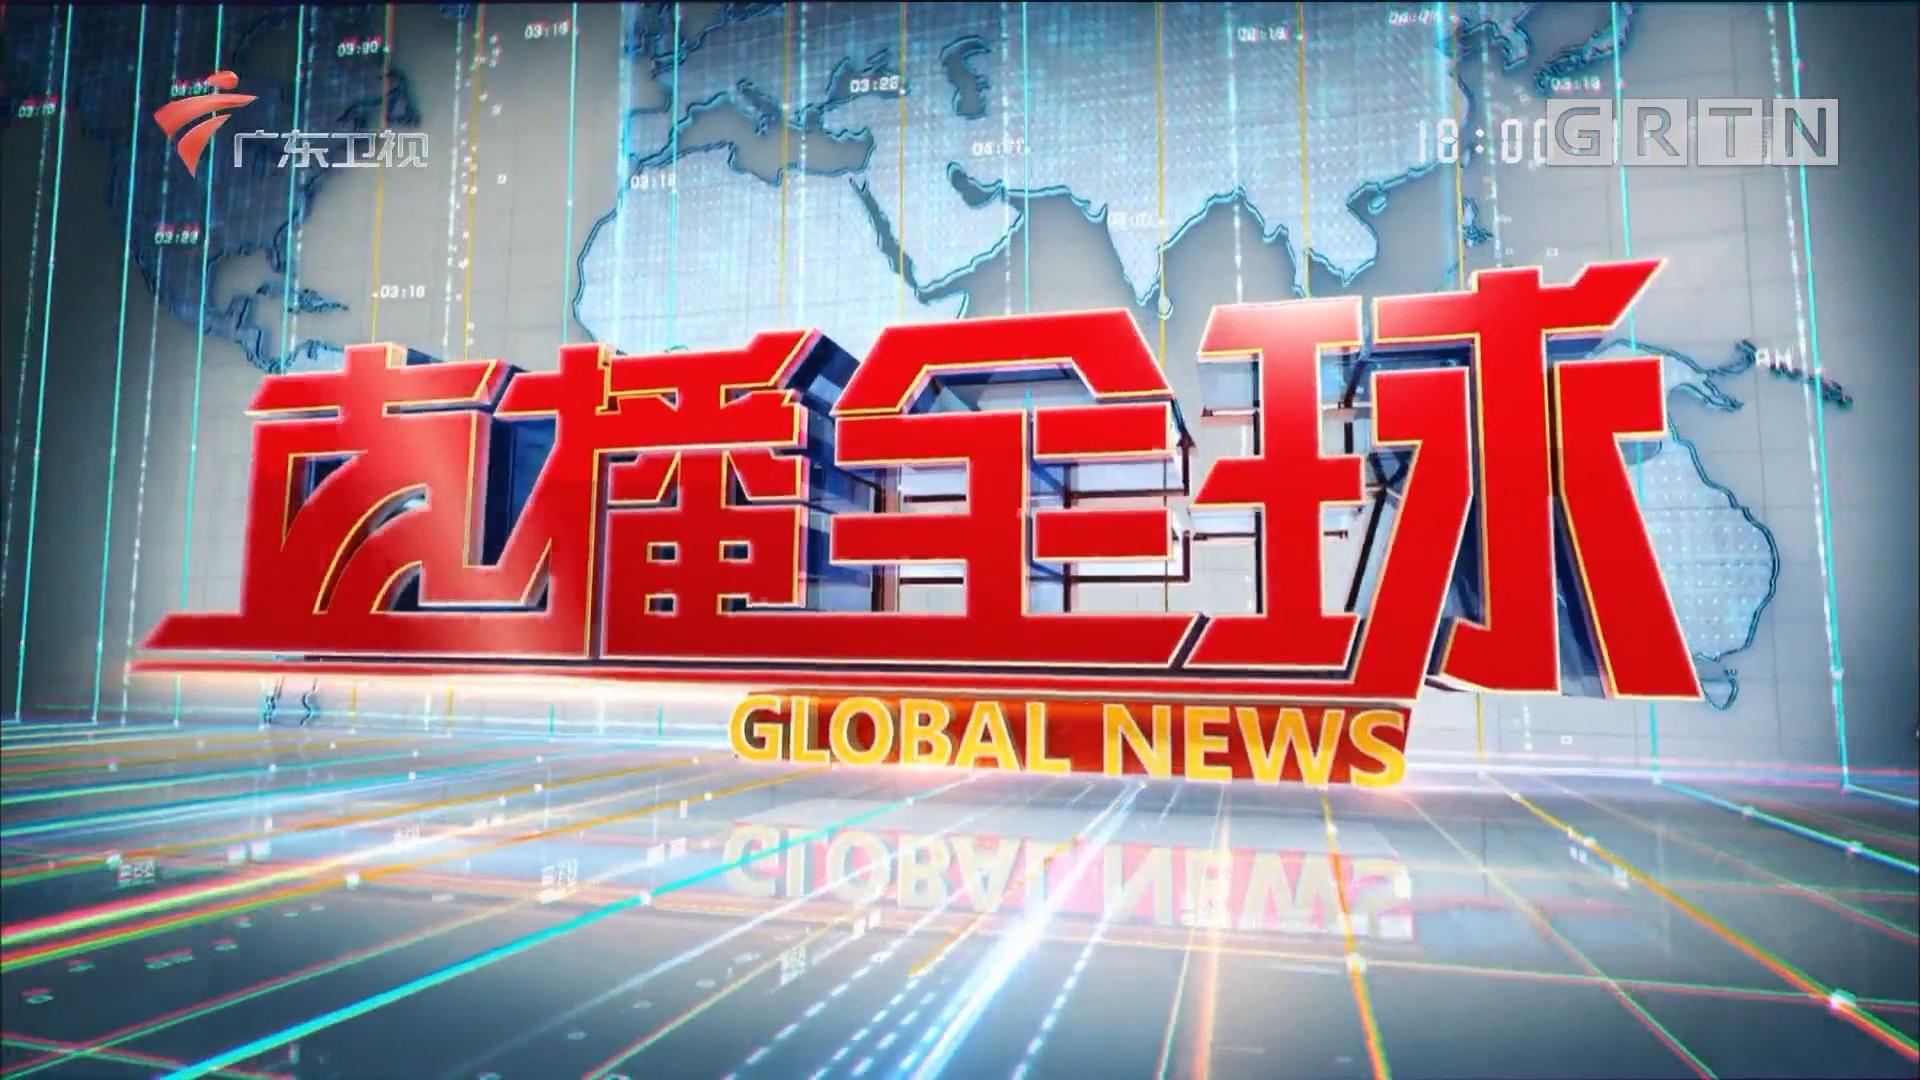 [HD][2018-05-09]直播全球:习近平同金正恩在大连举行会晤 习近平:共同实现朝鲜半岛长治久安